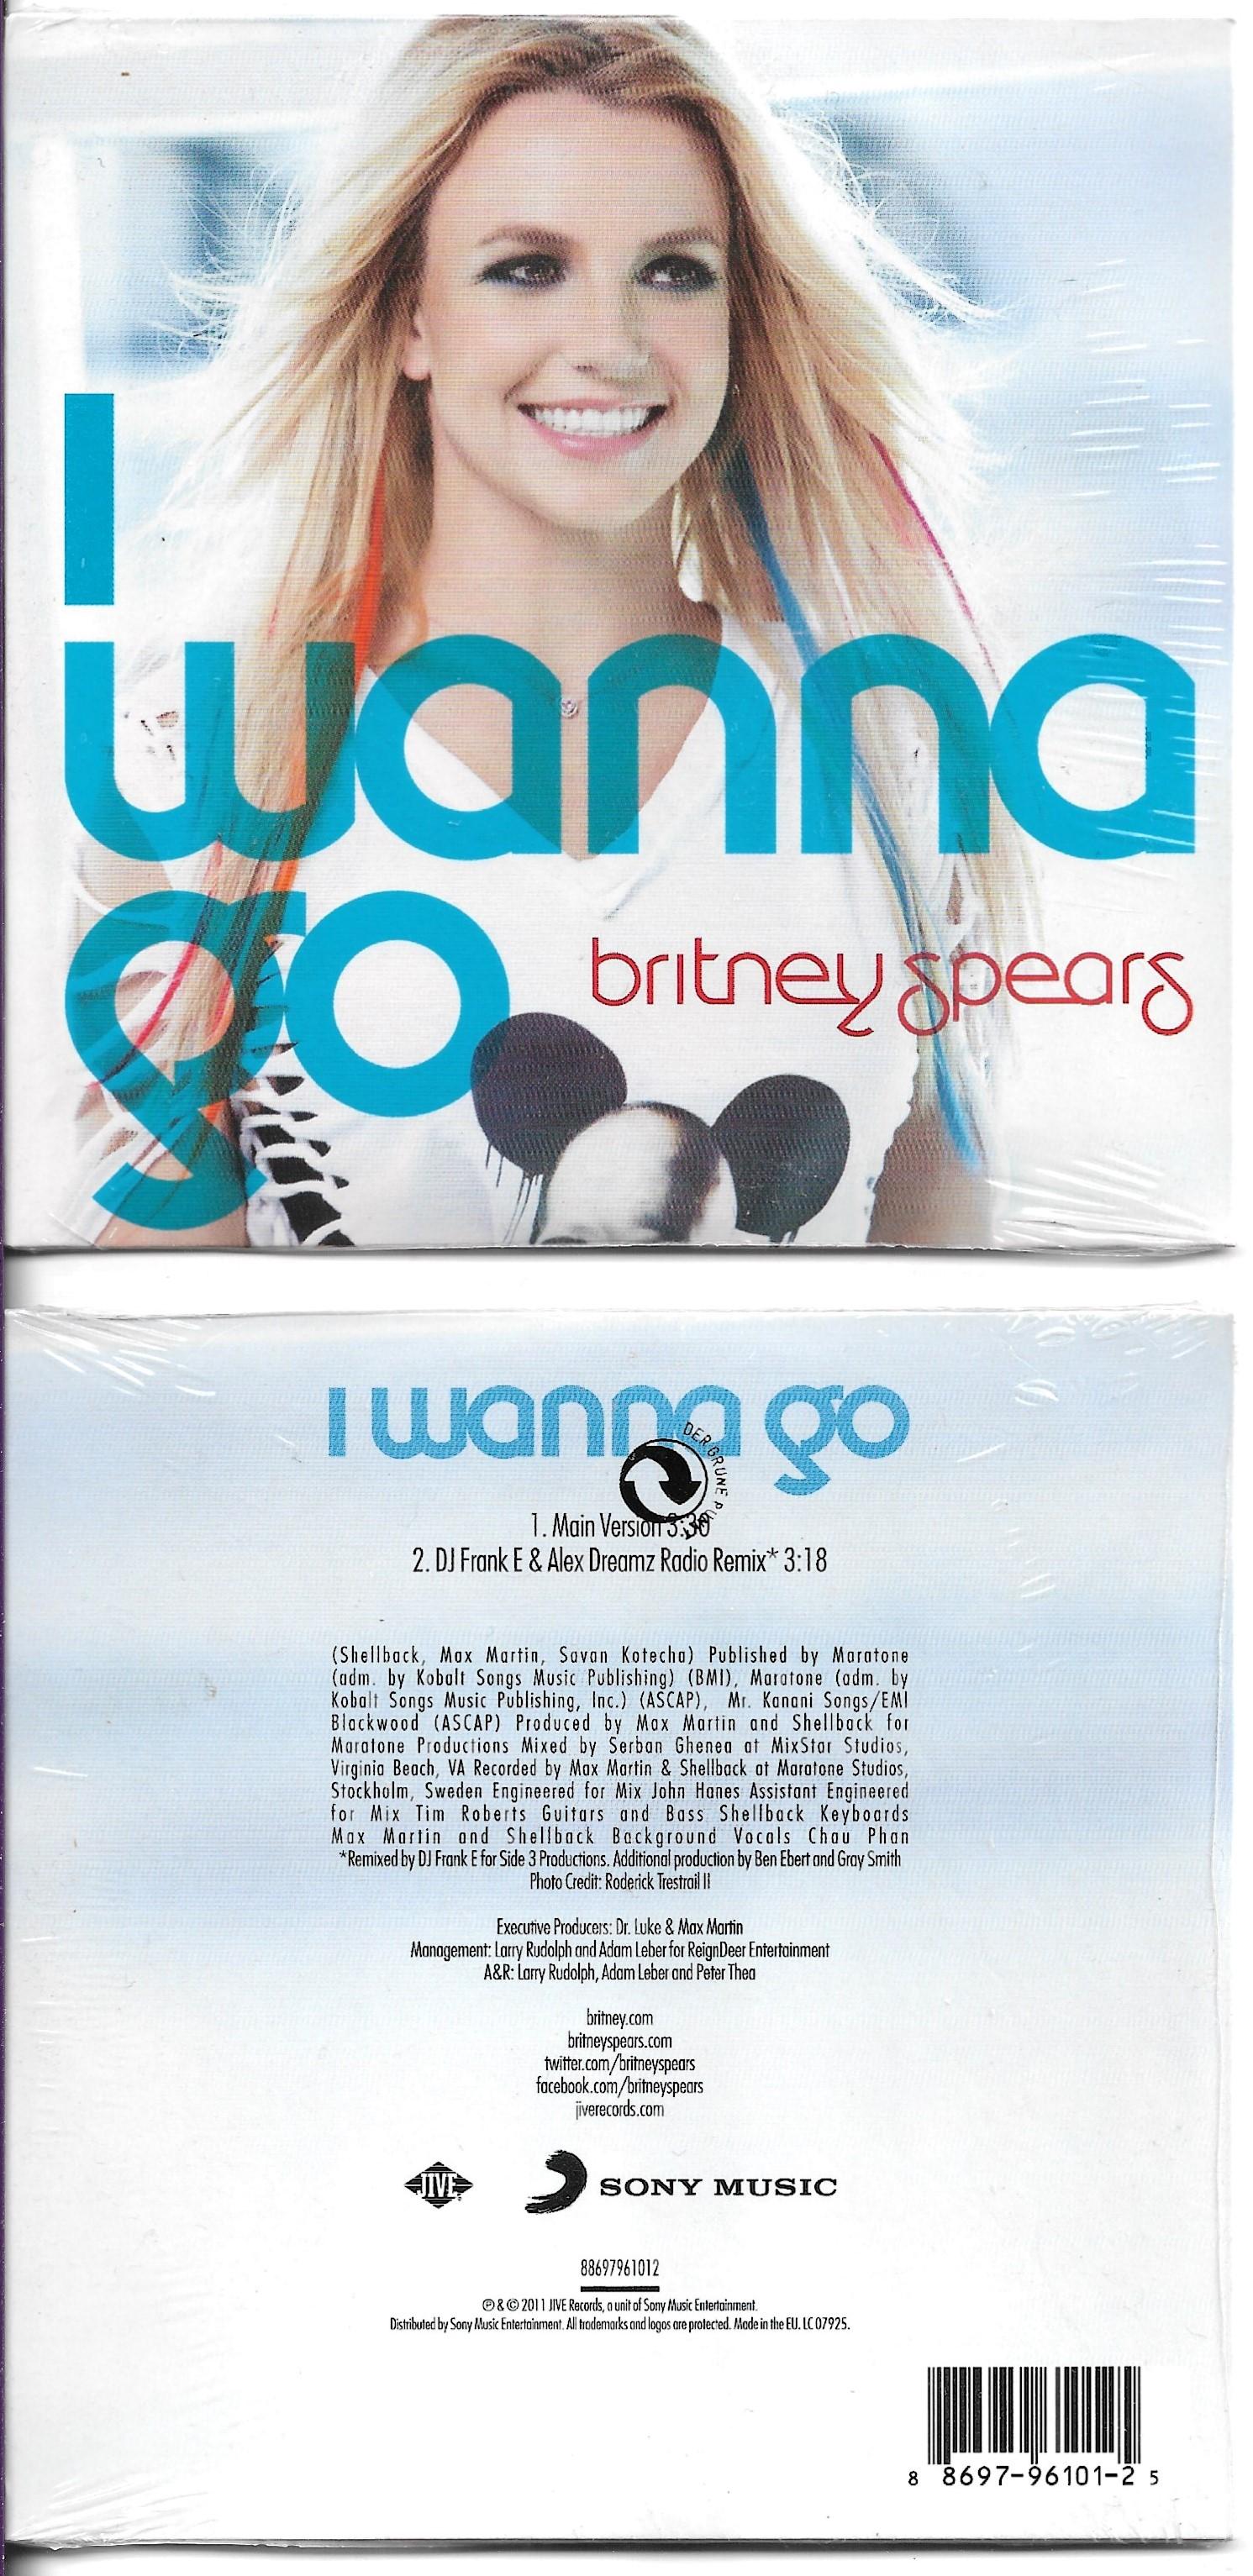 BRITNEY SPEARS - I wanna go 2-track CARD SLEEVE - CD single